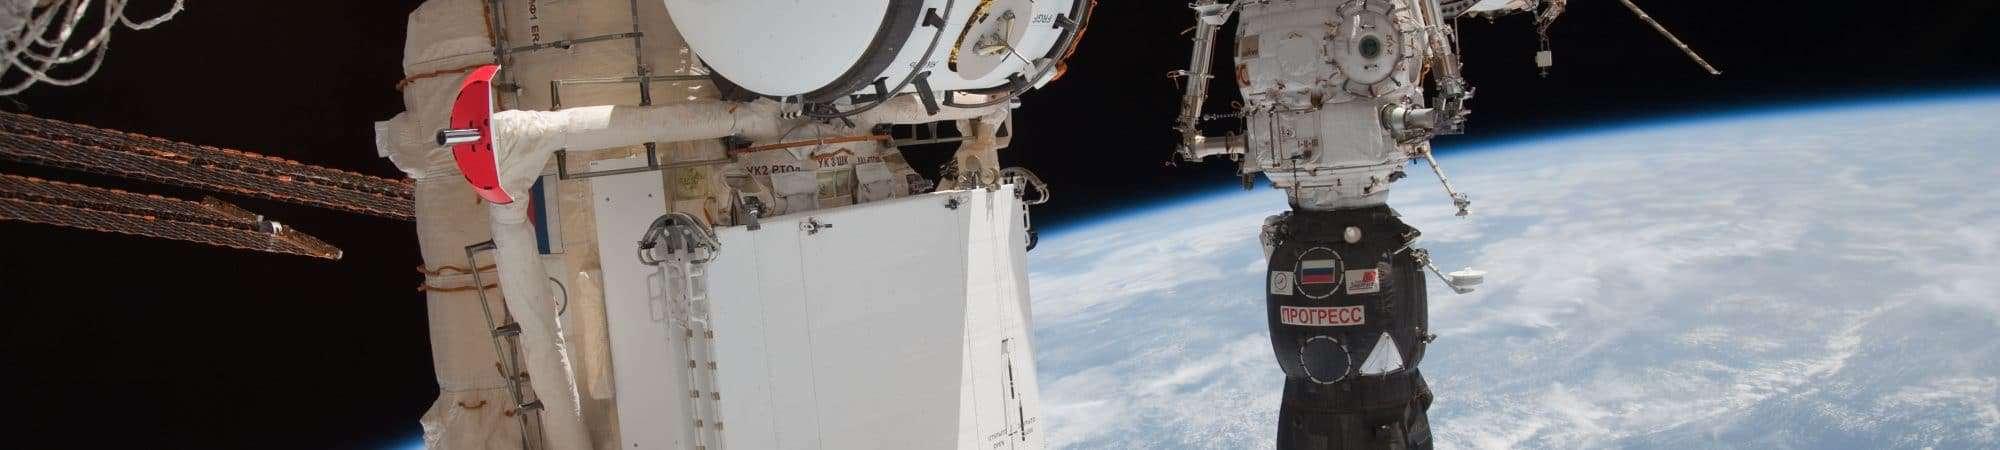 STS-132_ISS-23_Rassvet_Pirs_and_Progress_M-05M-2000x450